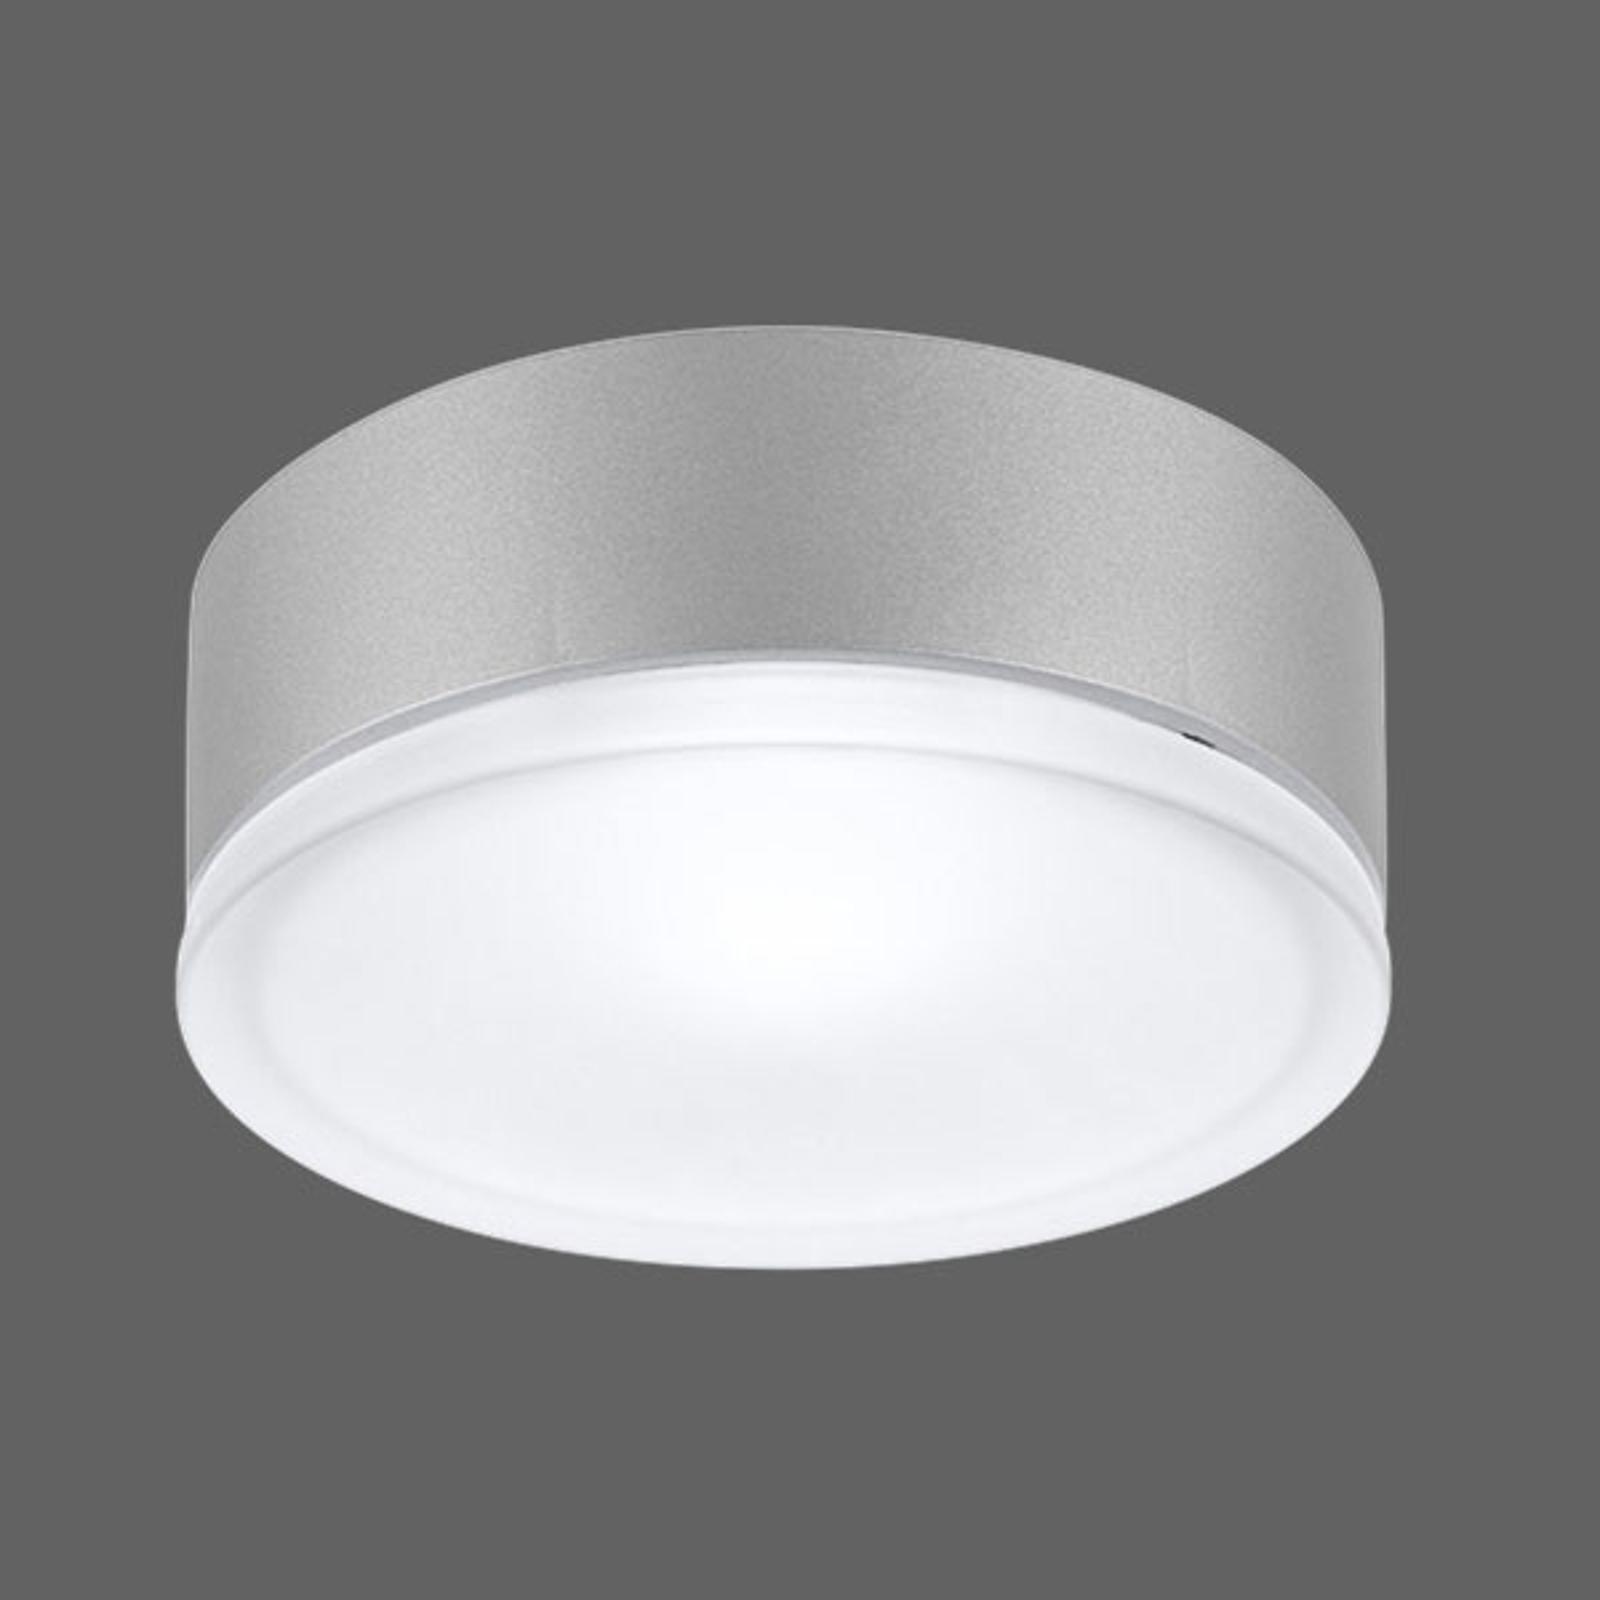 Drop 28 LED -ulkokattovalaisin harmaa, 3 000 K